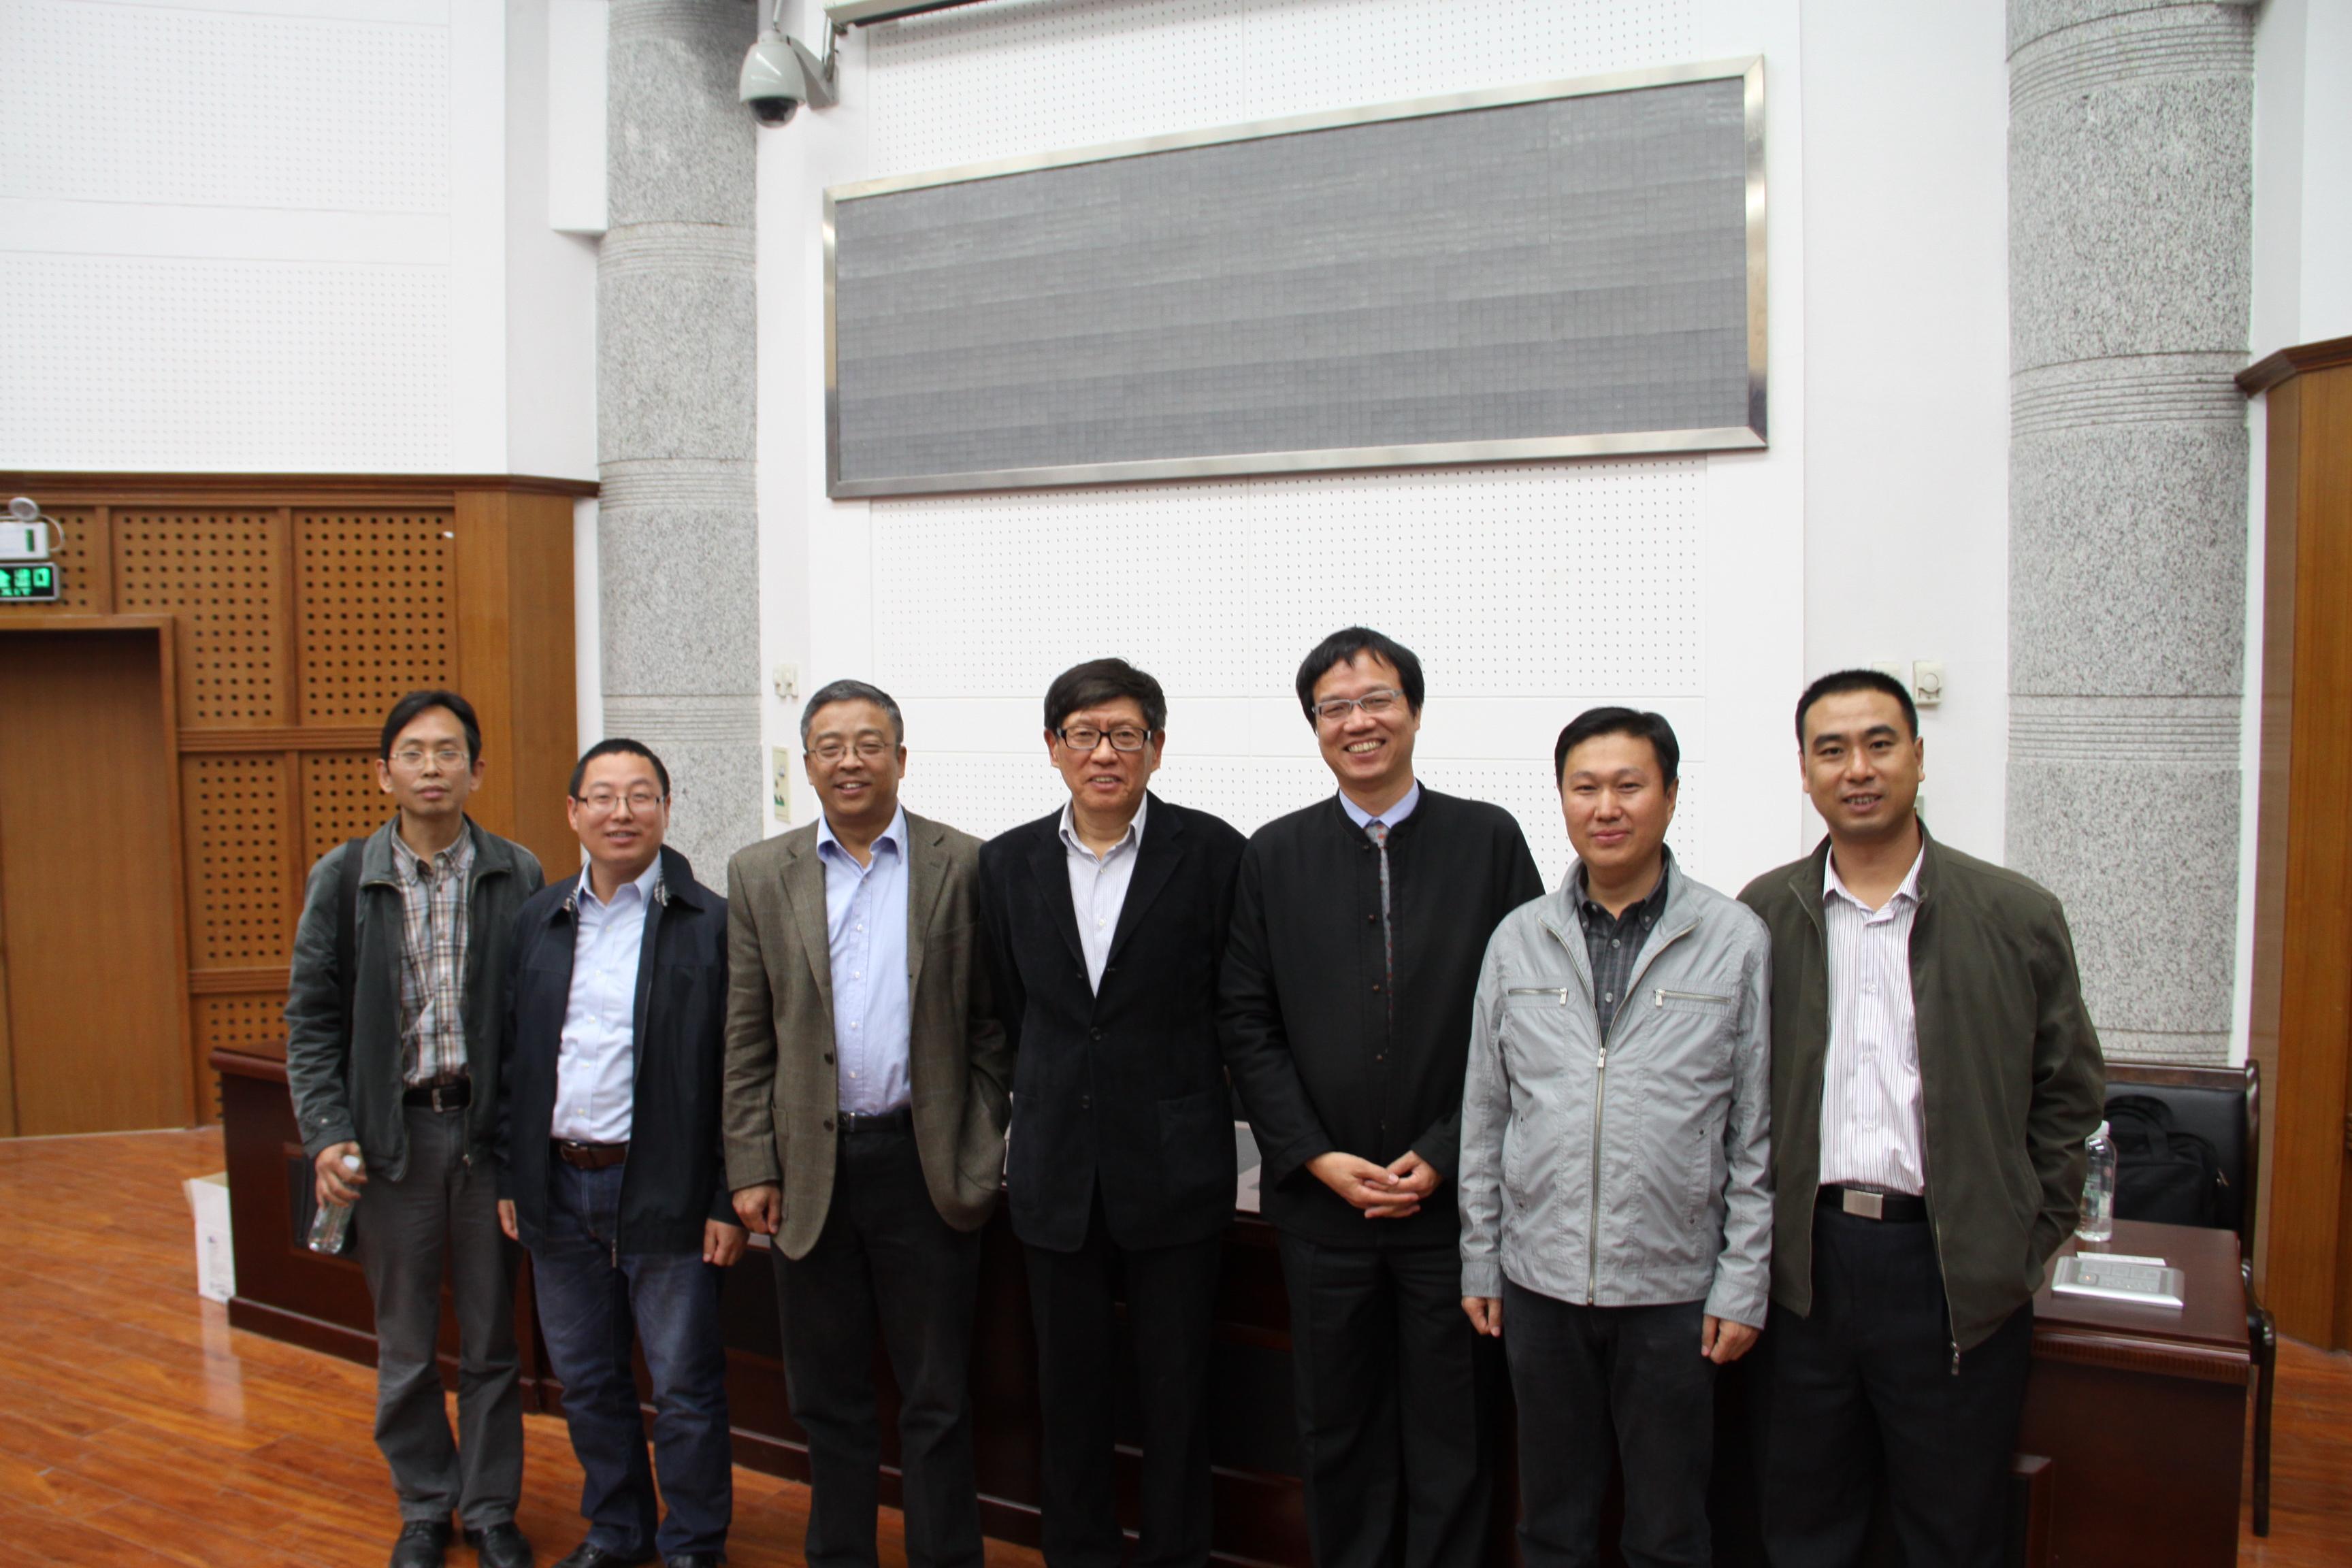 北京工业大学彭永臻院士和台湾成功大学林财富教授来我校进行学术交流